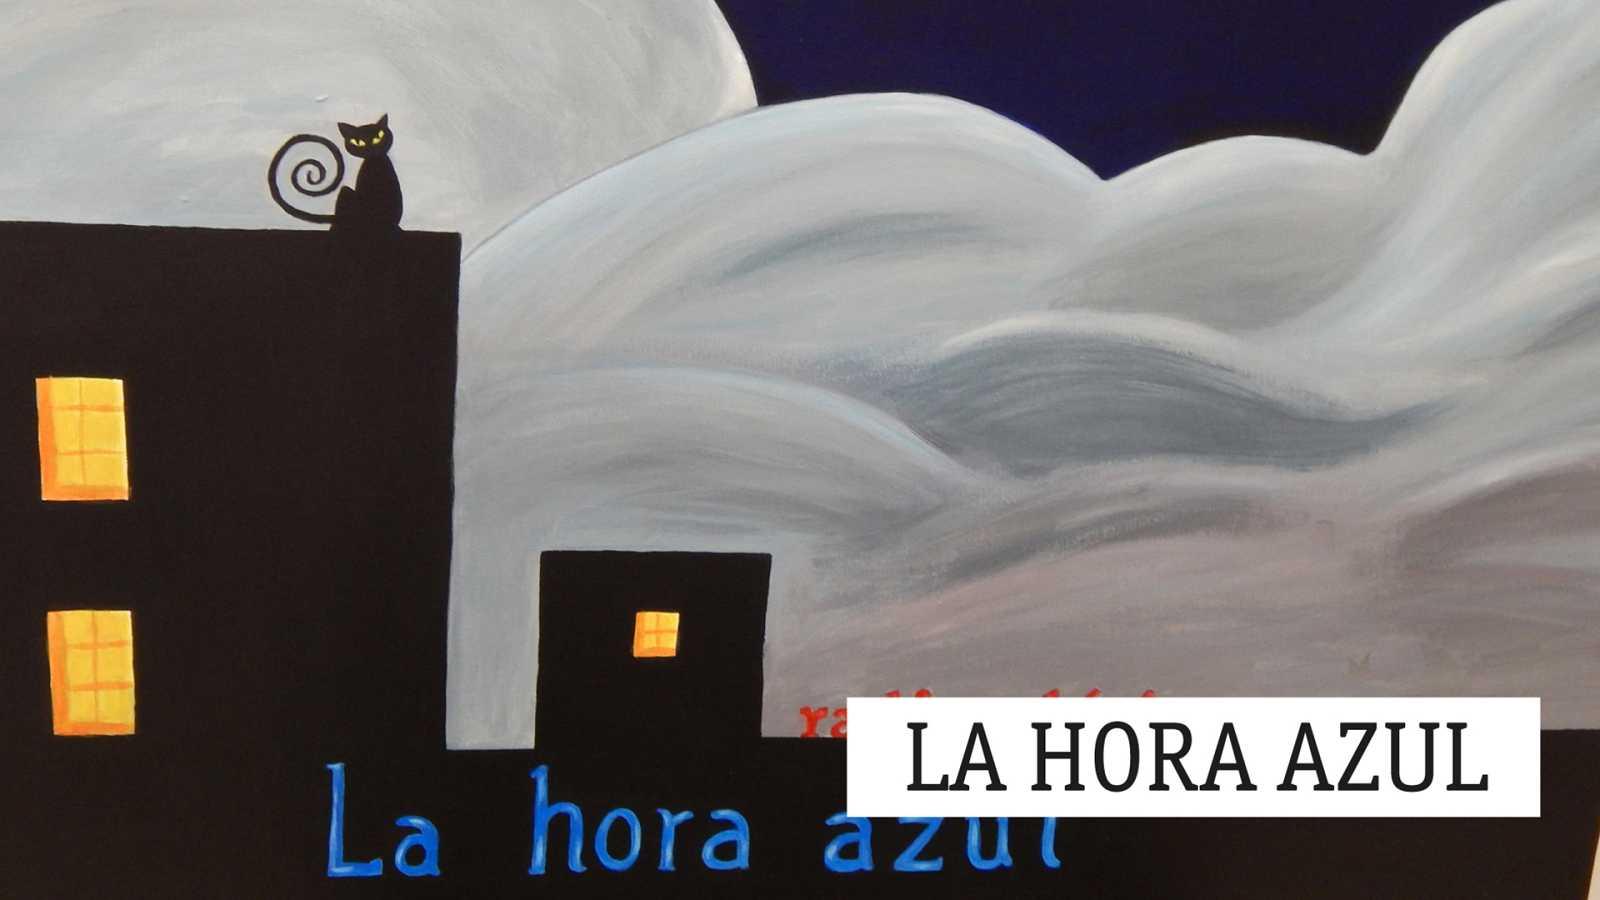 La hora azul - Semana Santa y flamenco - 17/03/21 - escuchar ahora